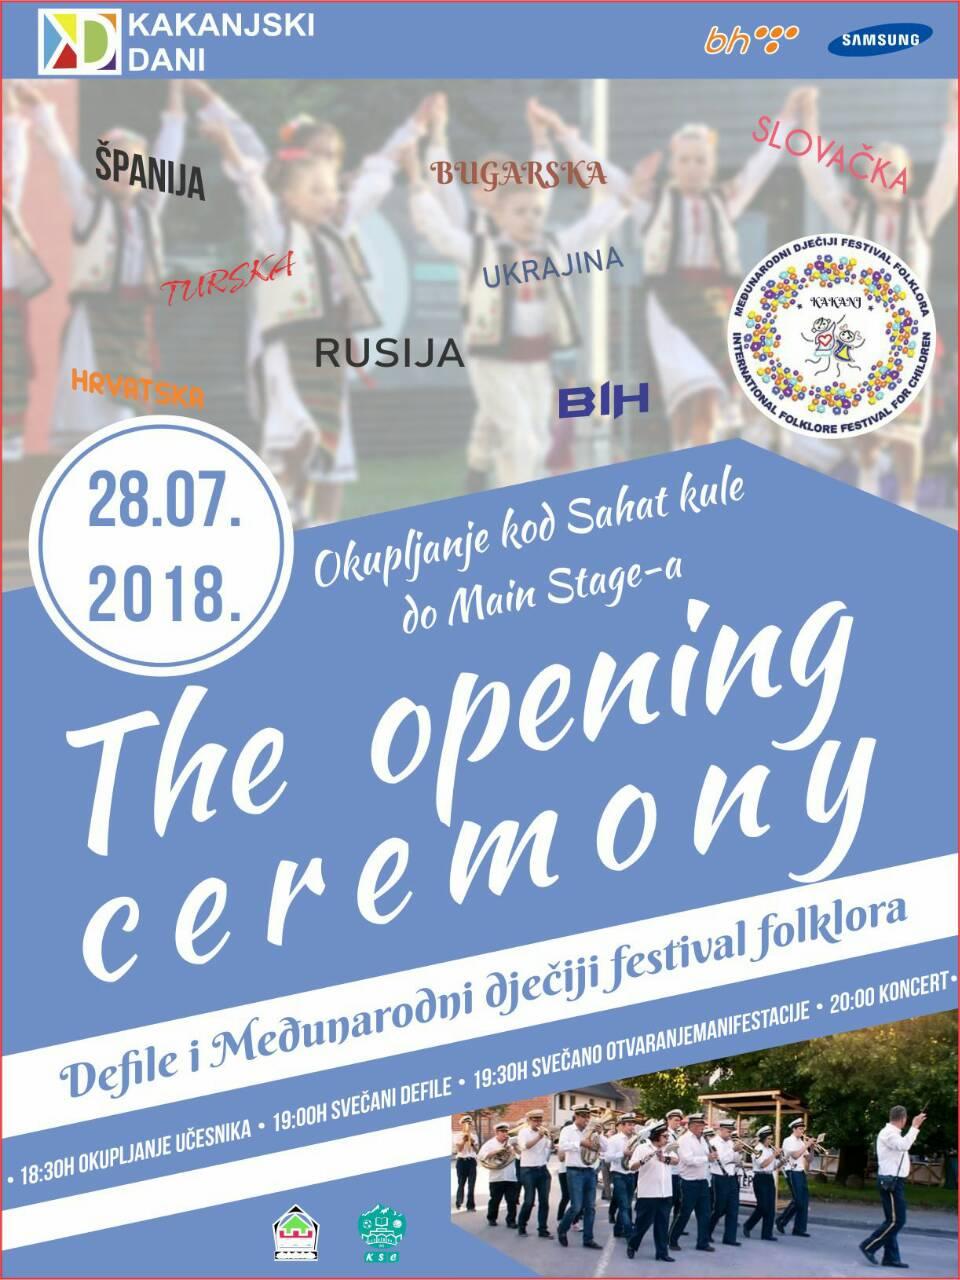 Opening Ceremony KD 2018: Defile i Međunarodni dječiji festival folklora – ovo ne smijete propustiti (učesnici iz 9 zemalja)